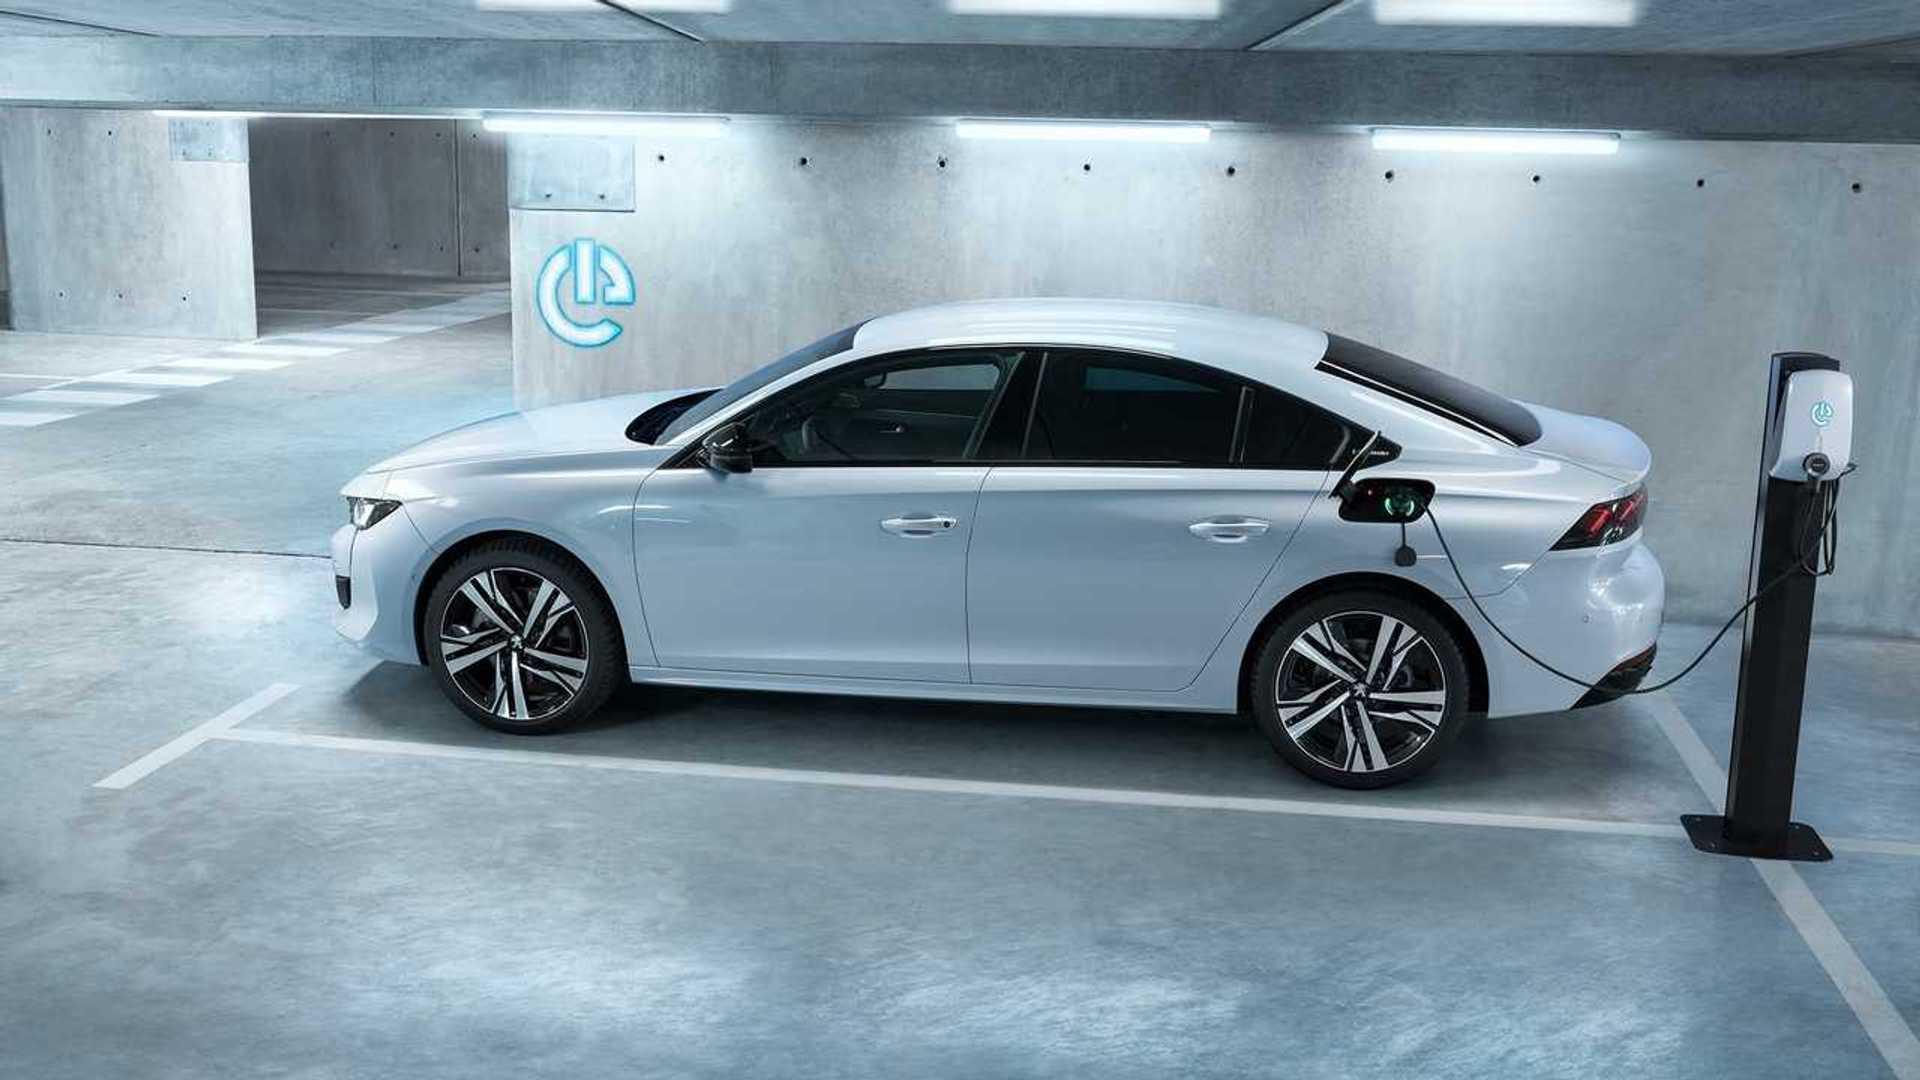 Peugeot 508 Hybrid und 508 SW Hybrid: Neue Plug-in-Modelle mit 225 PS